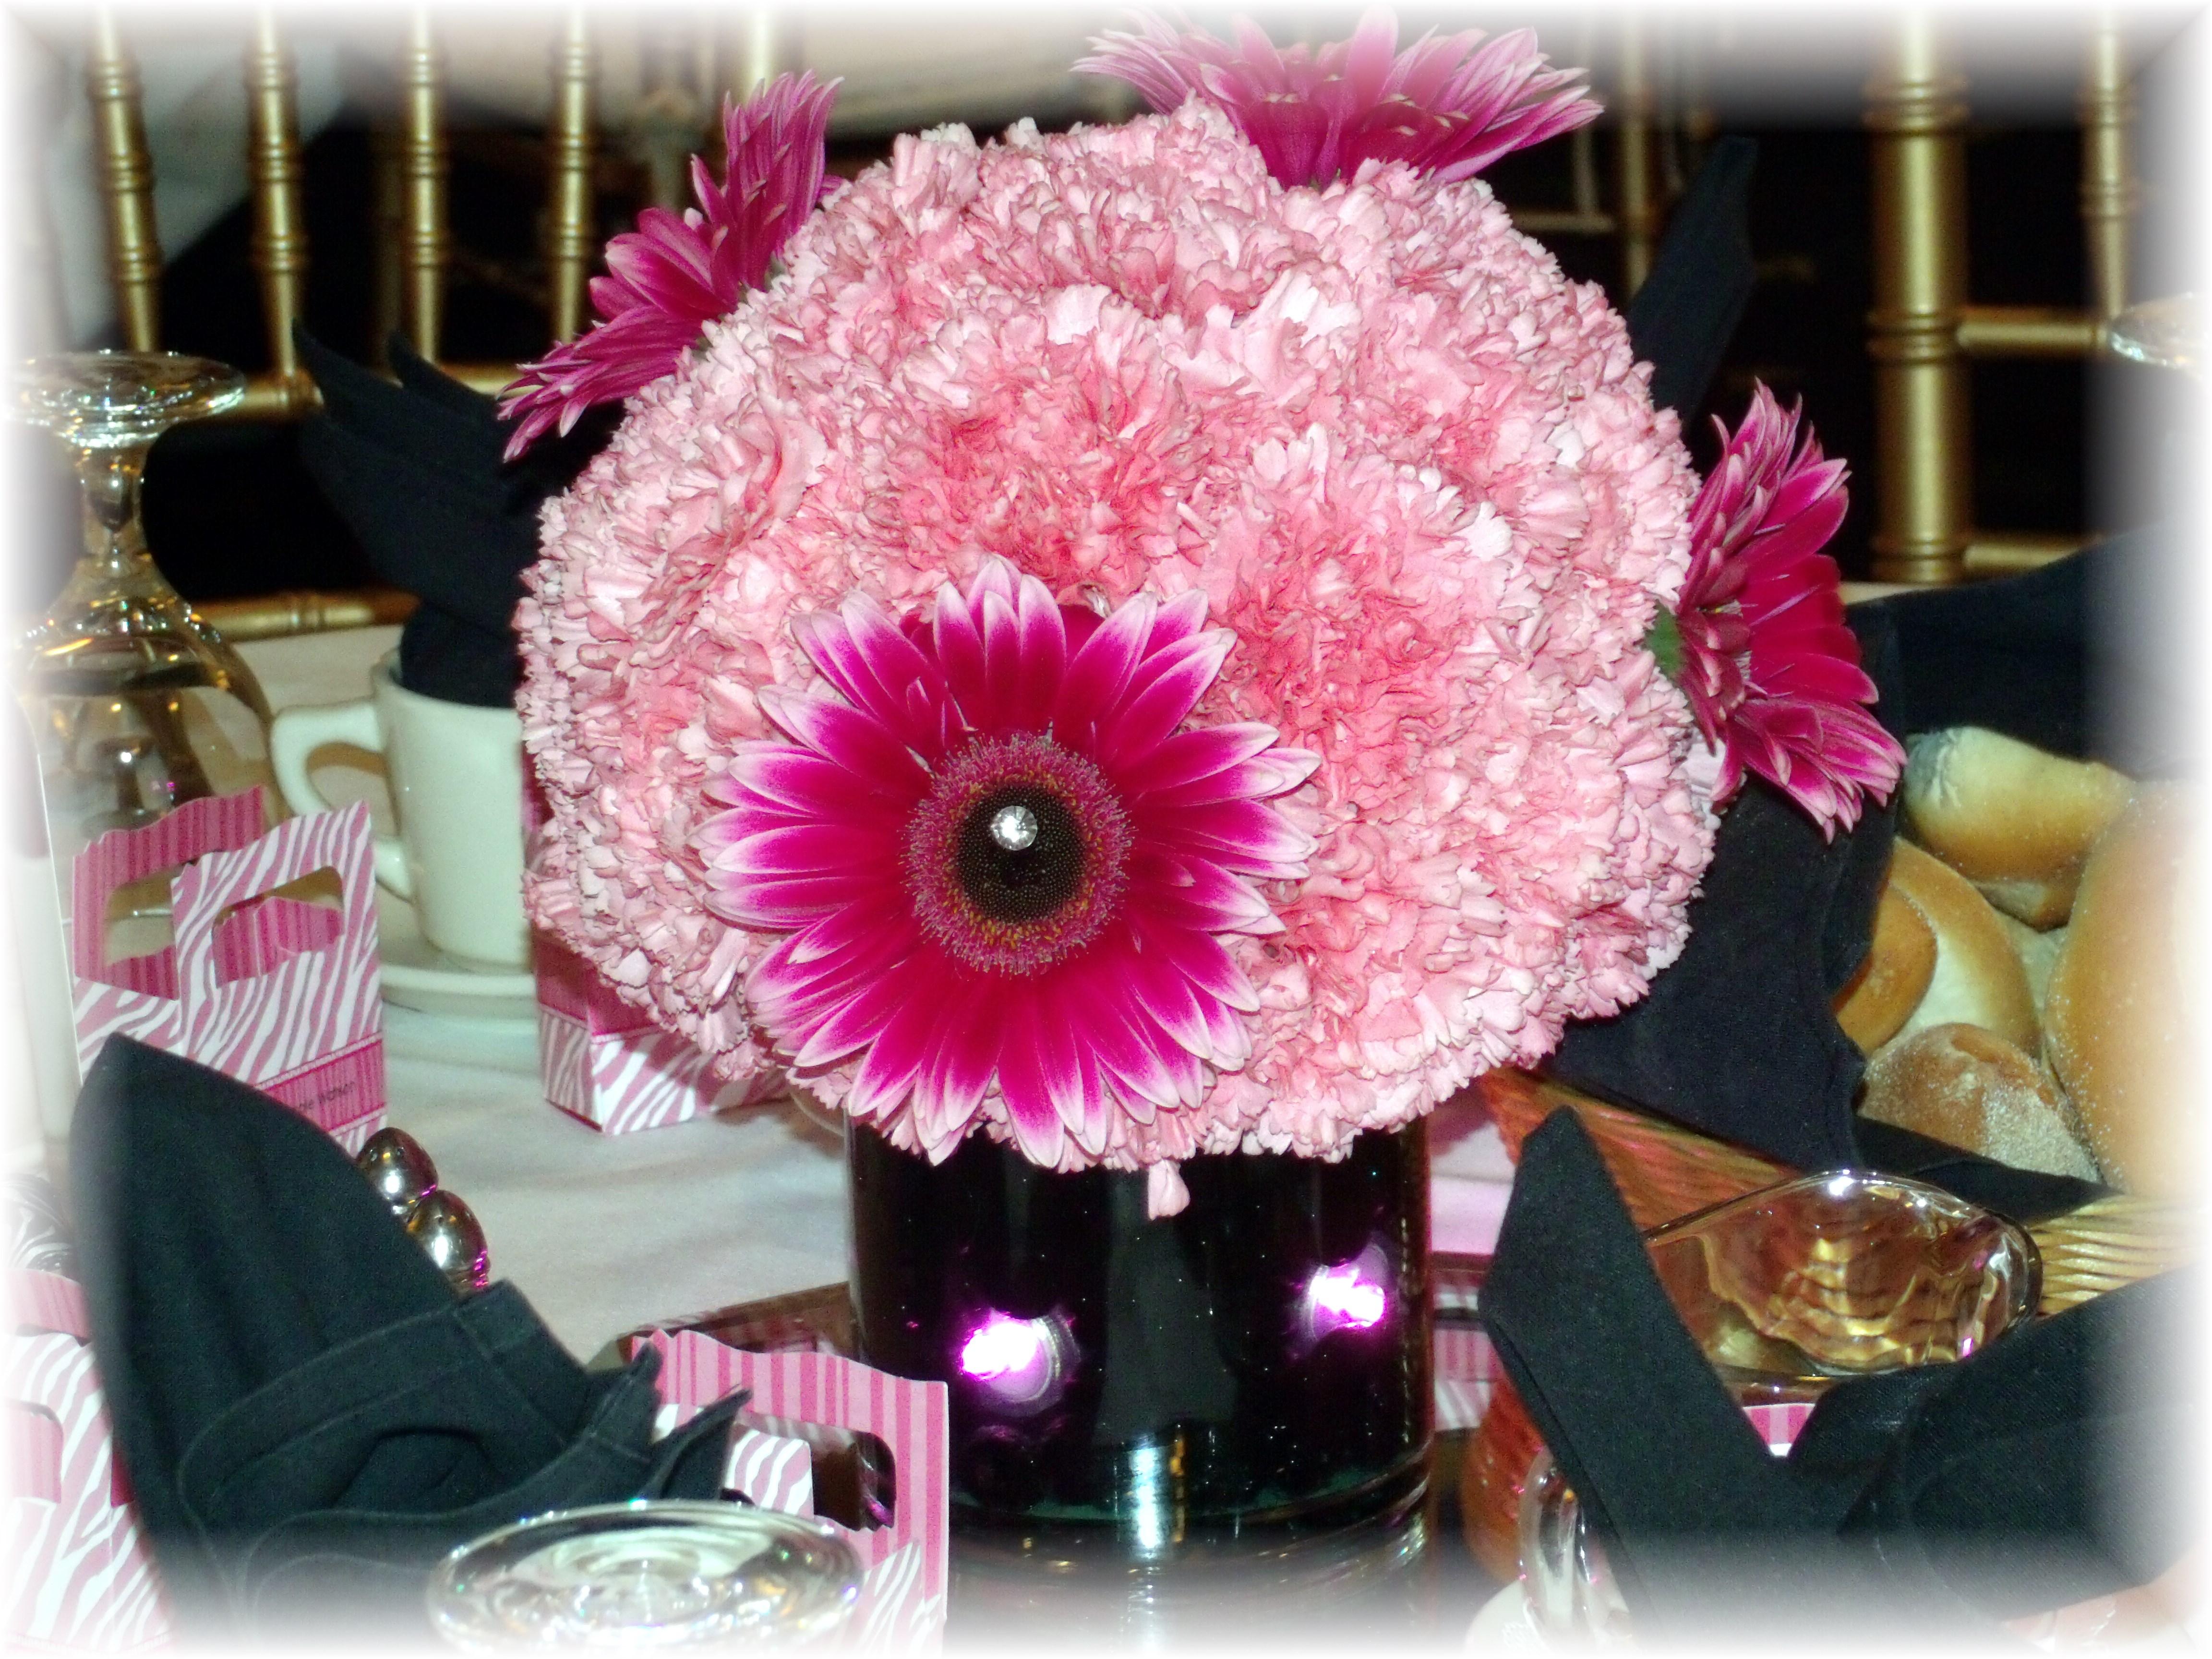 Carnation & Gerbera daisy centerpiec